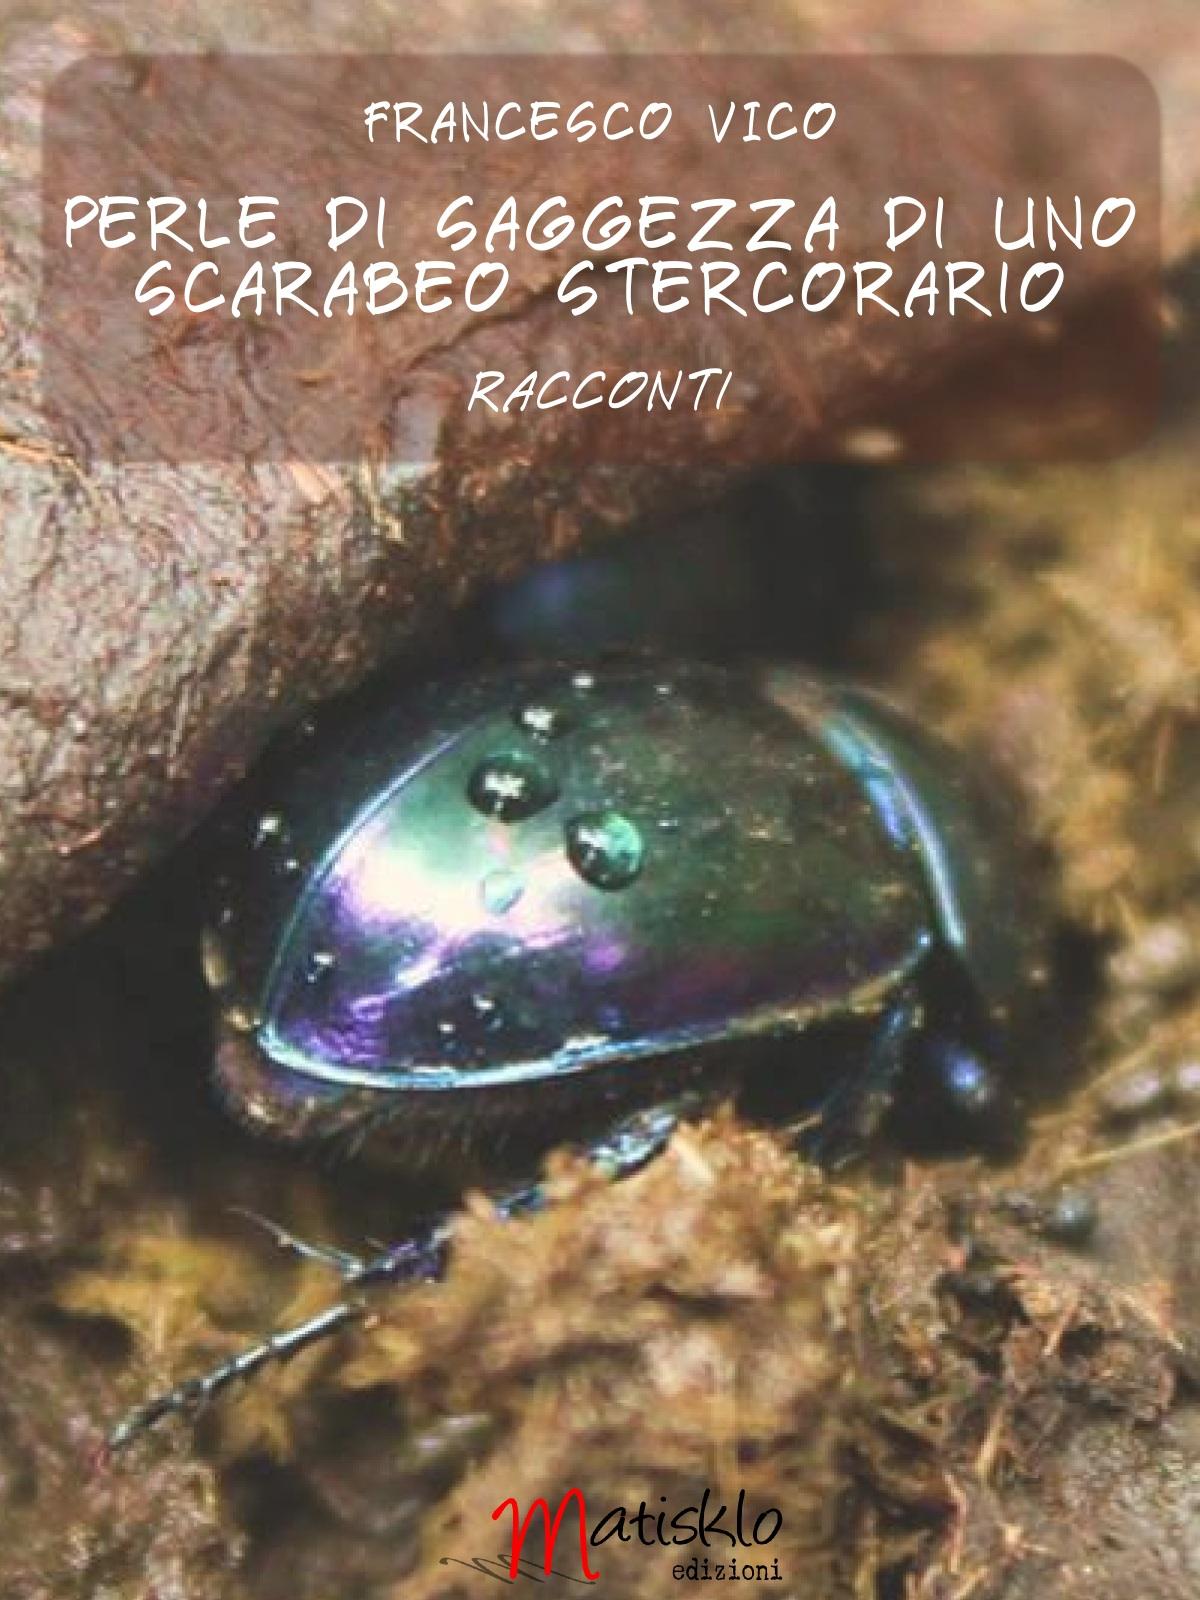 Perle di saggezza di uno scarabeo stercorario